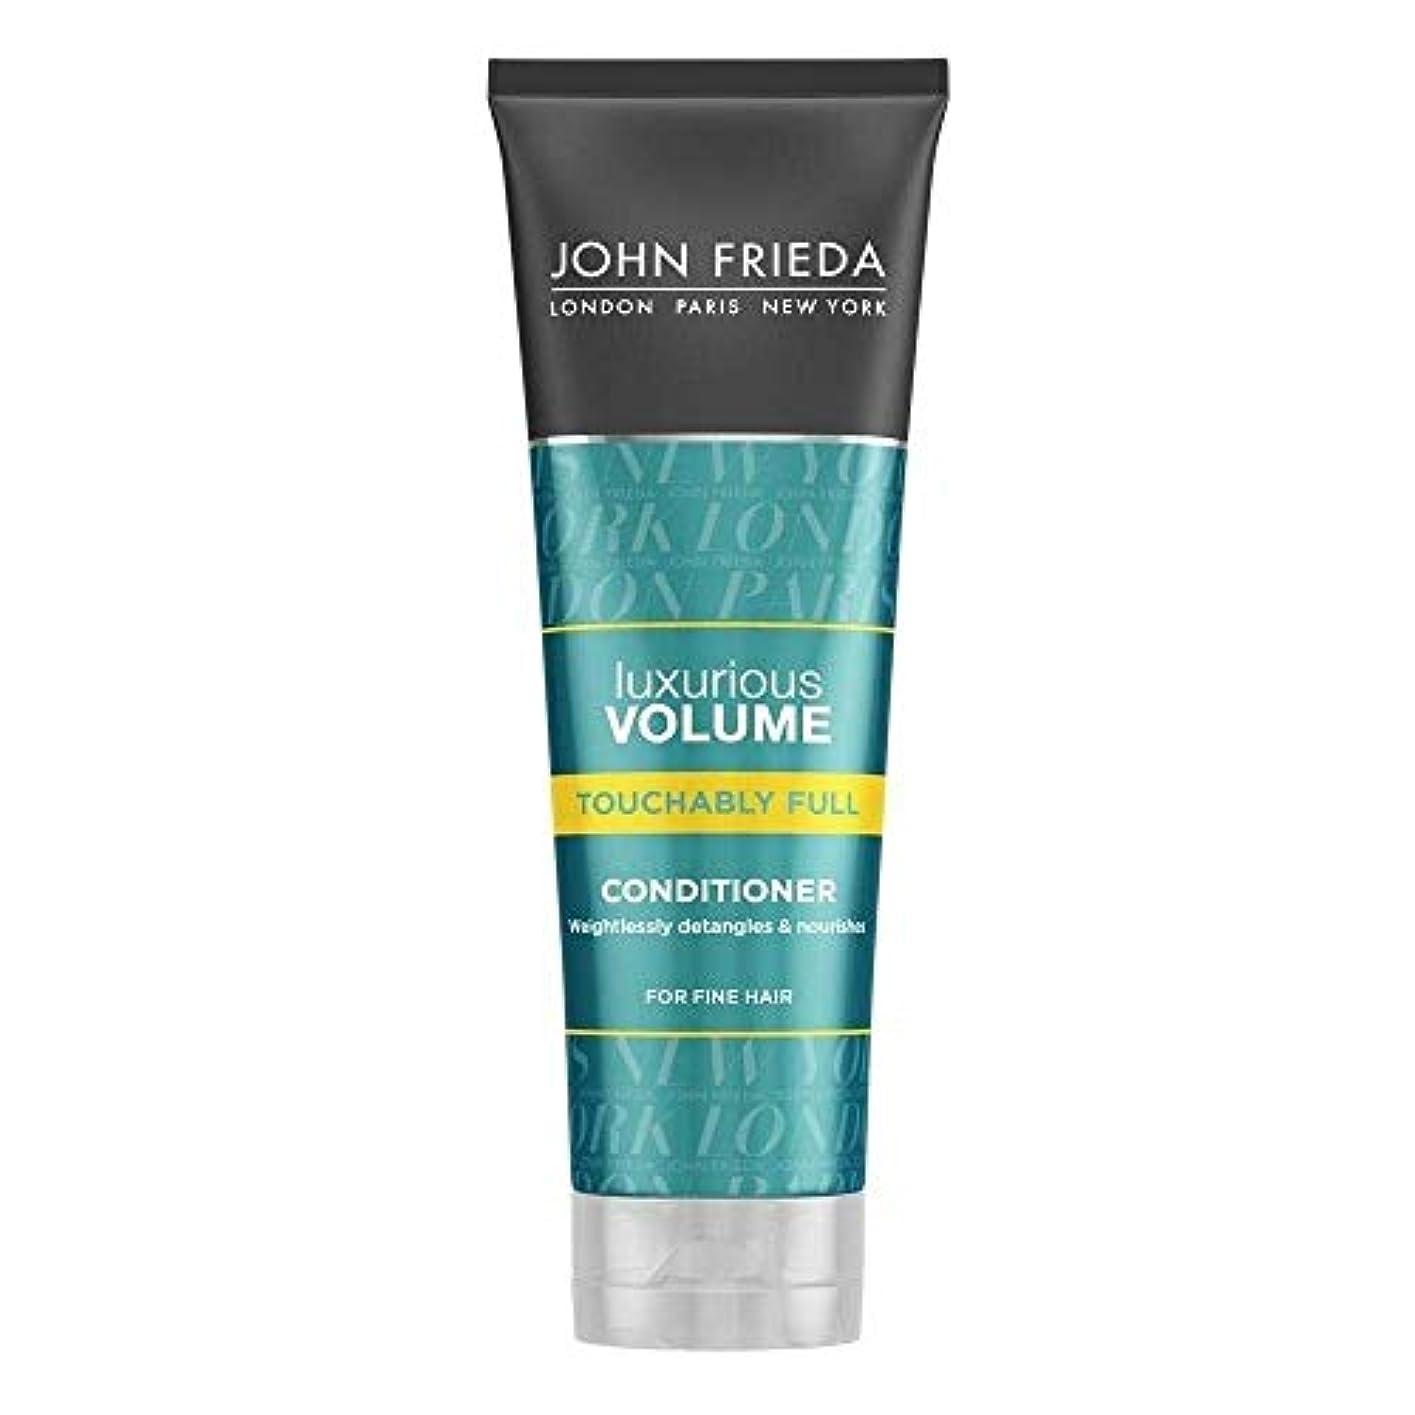 John Frieda 豪華なボリュームTouchably全コンディショナー - 8.45オズ - 2 Pkを